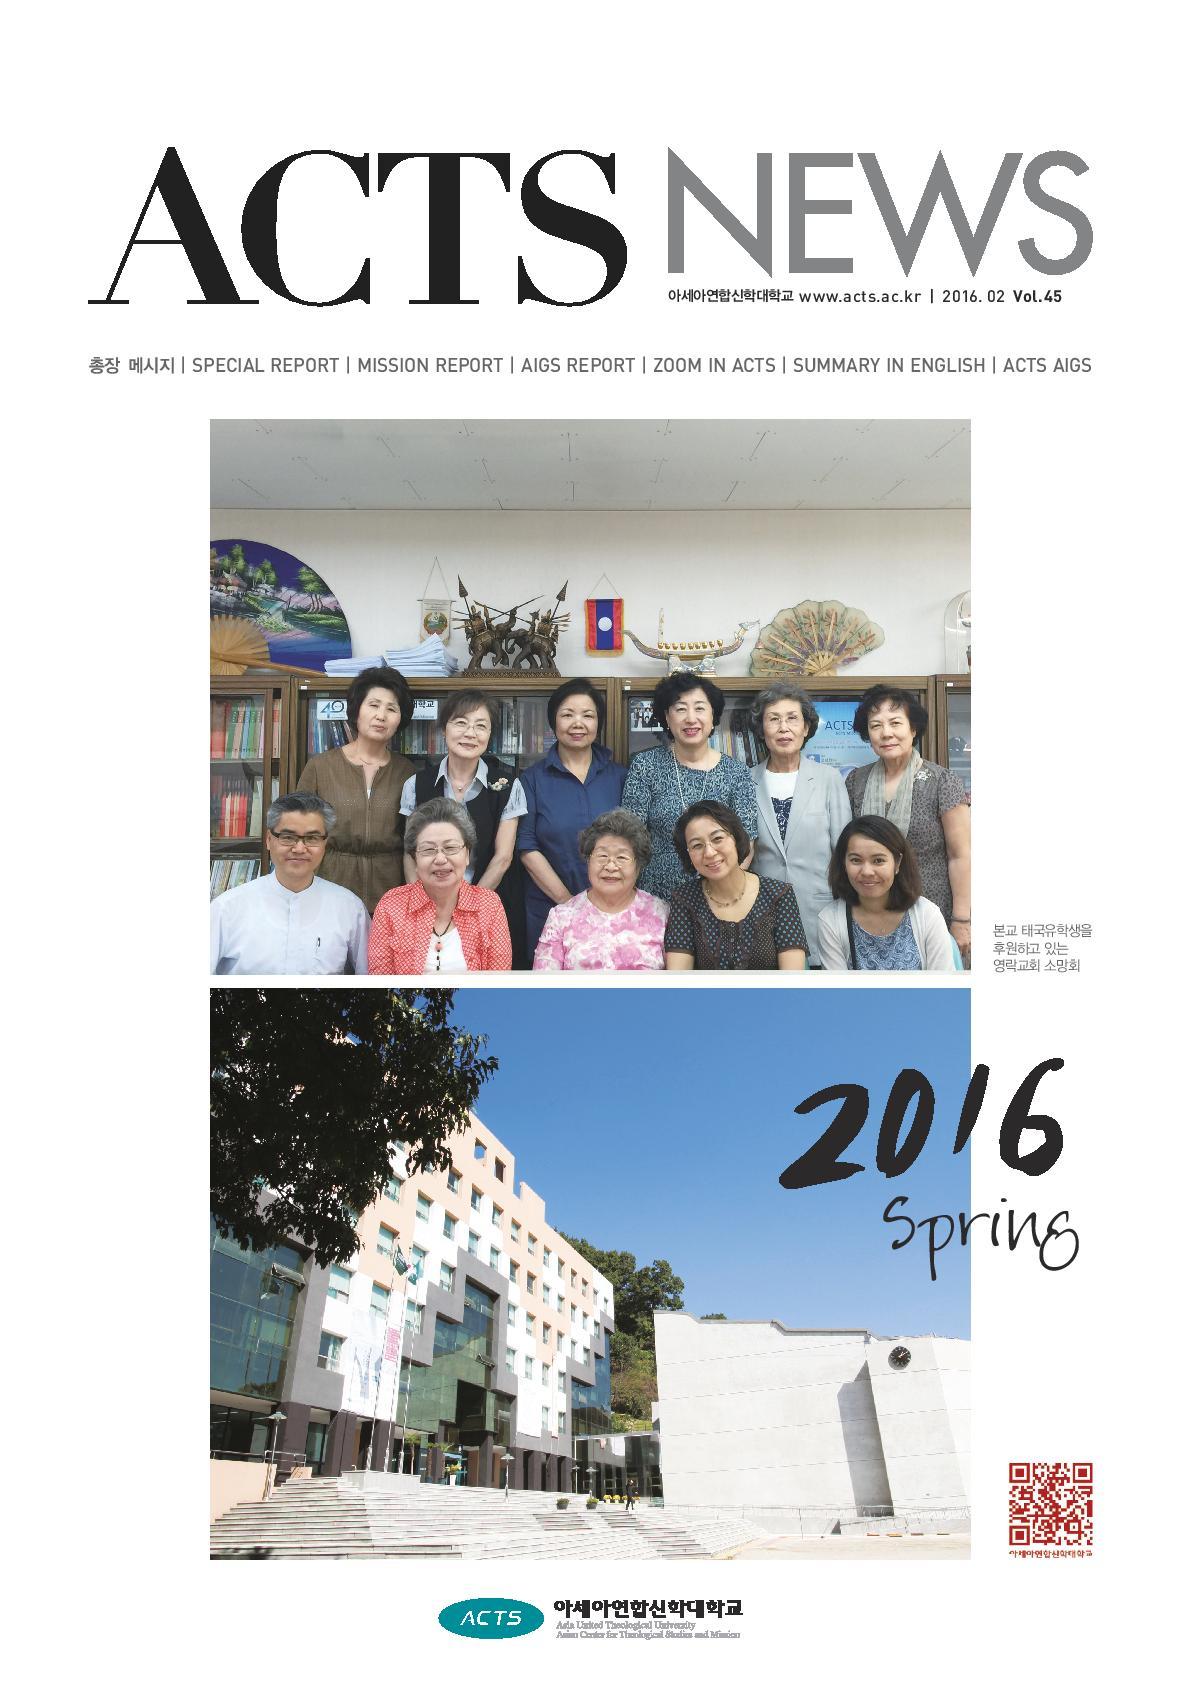 제45호 ACTS NEWS